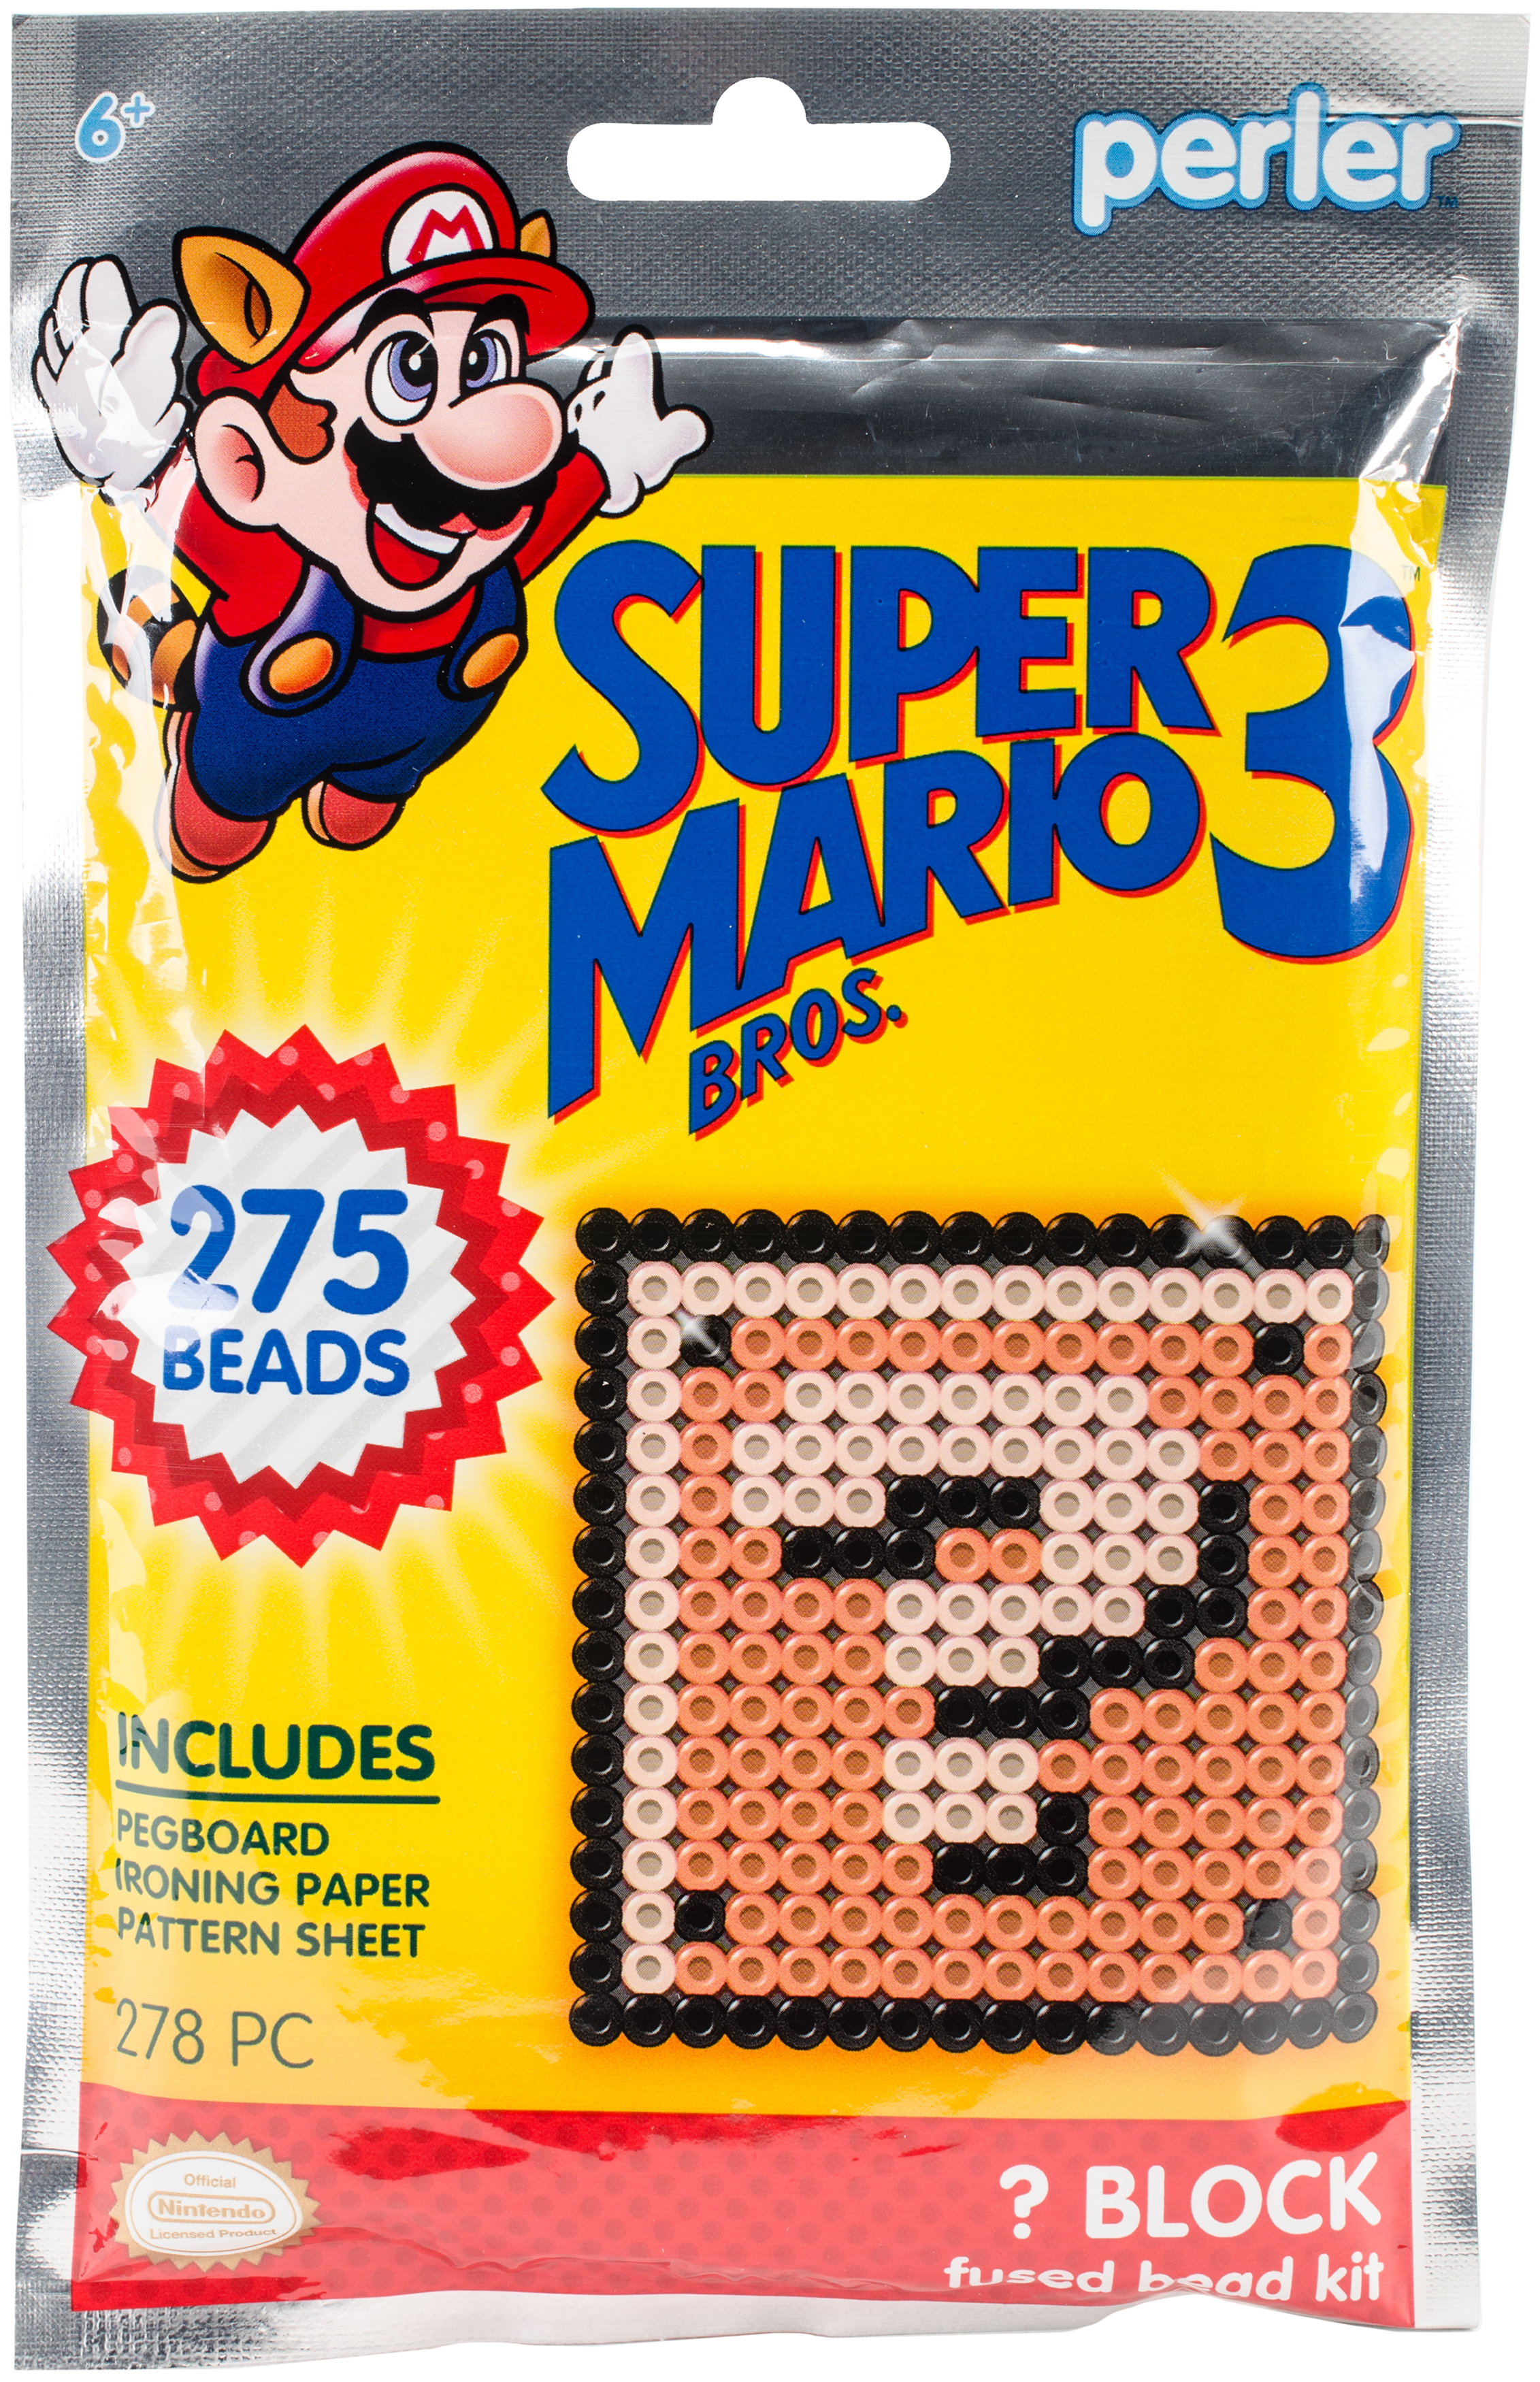 Perler Fused Bead Trial Kit-Super Mario Bros. 3 Coin Box